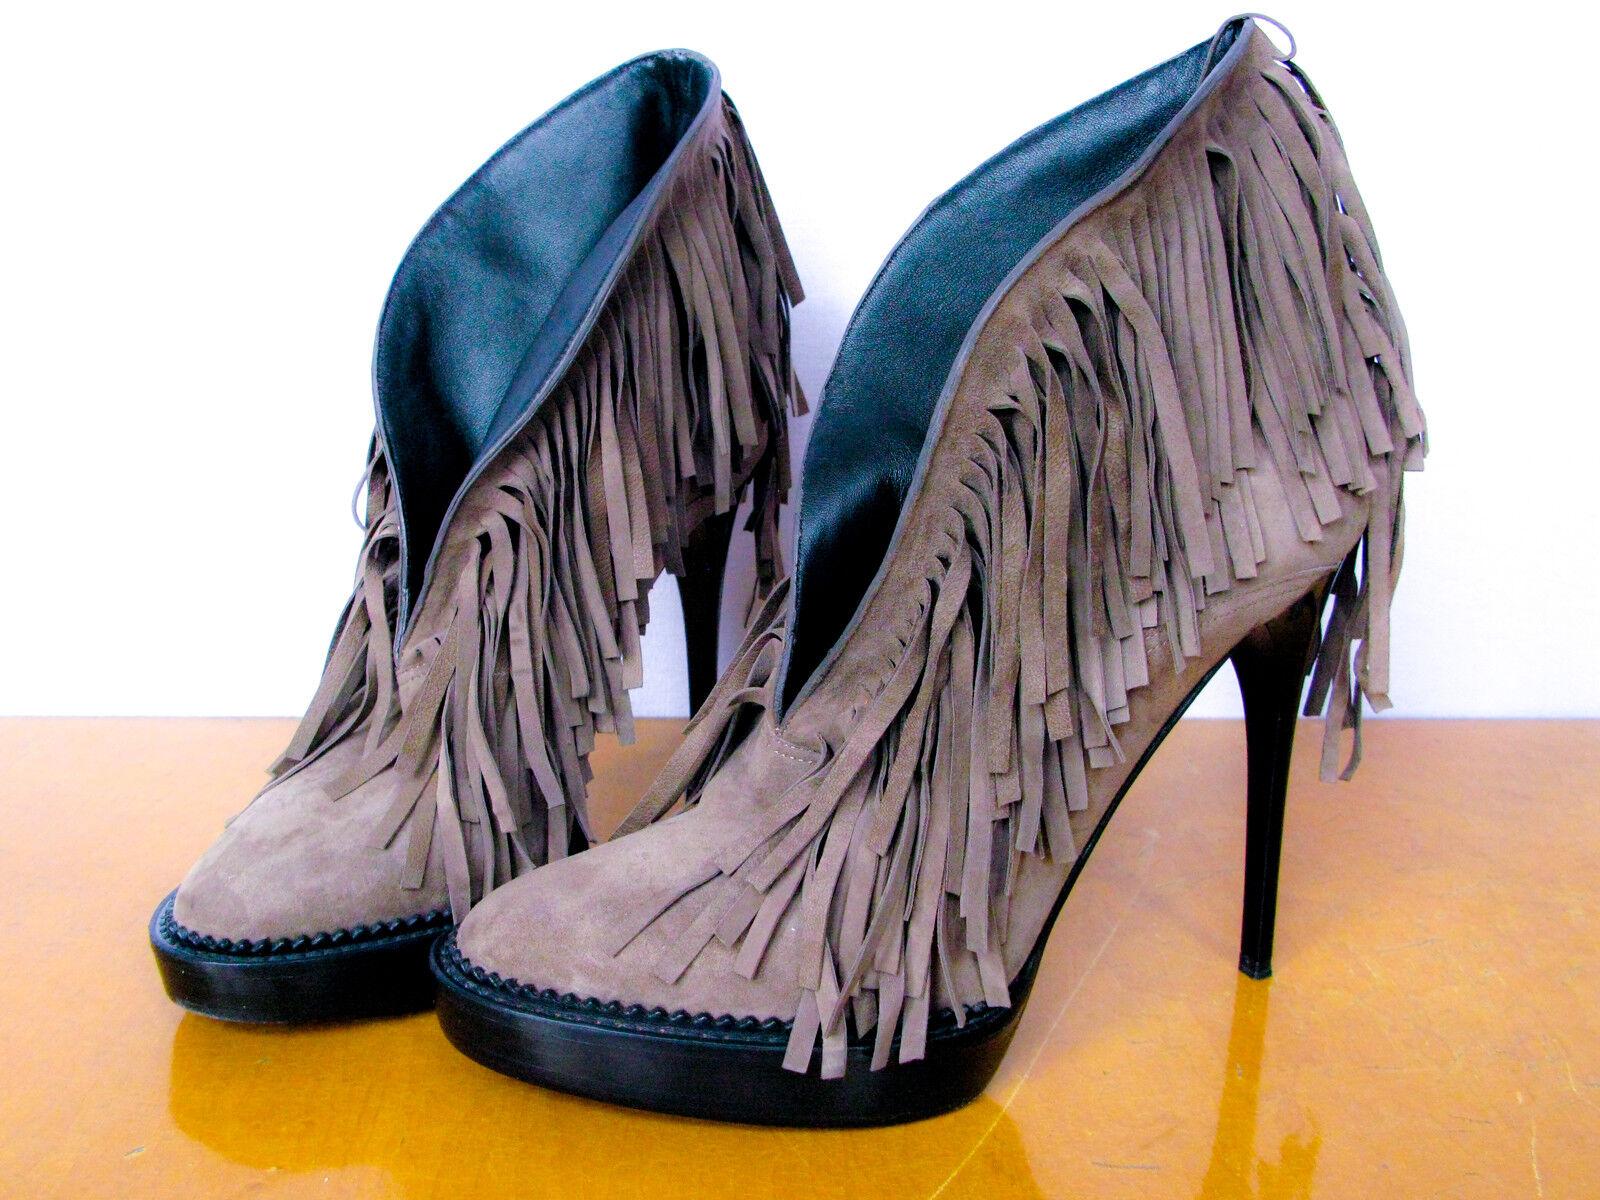 Burberry Stunning Suede Fringe Stiefel  999 Größe UK 5.5 EU 38 US 7.5